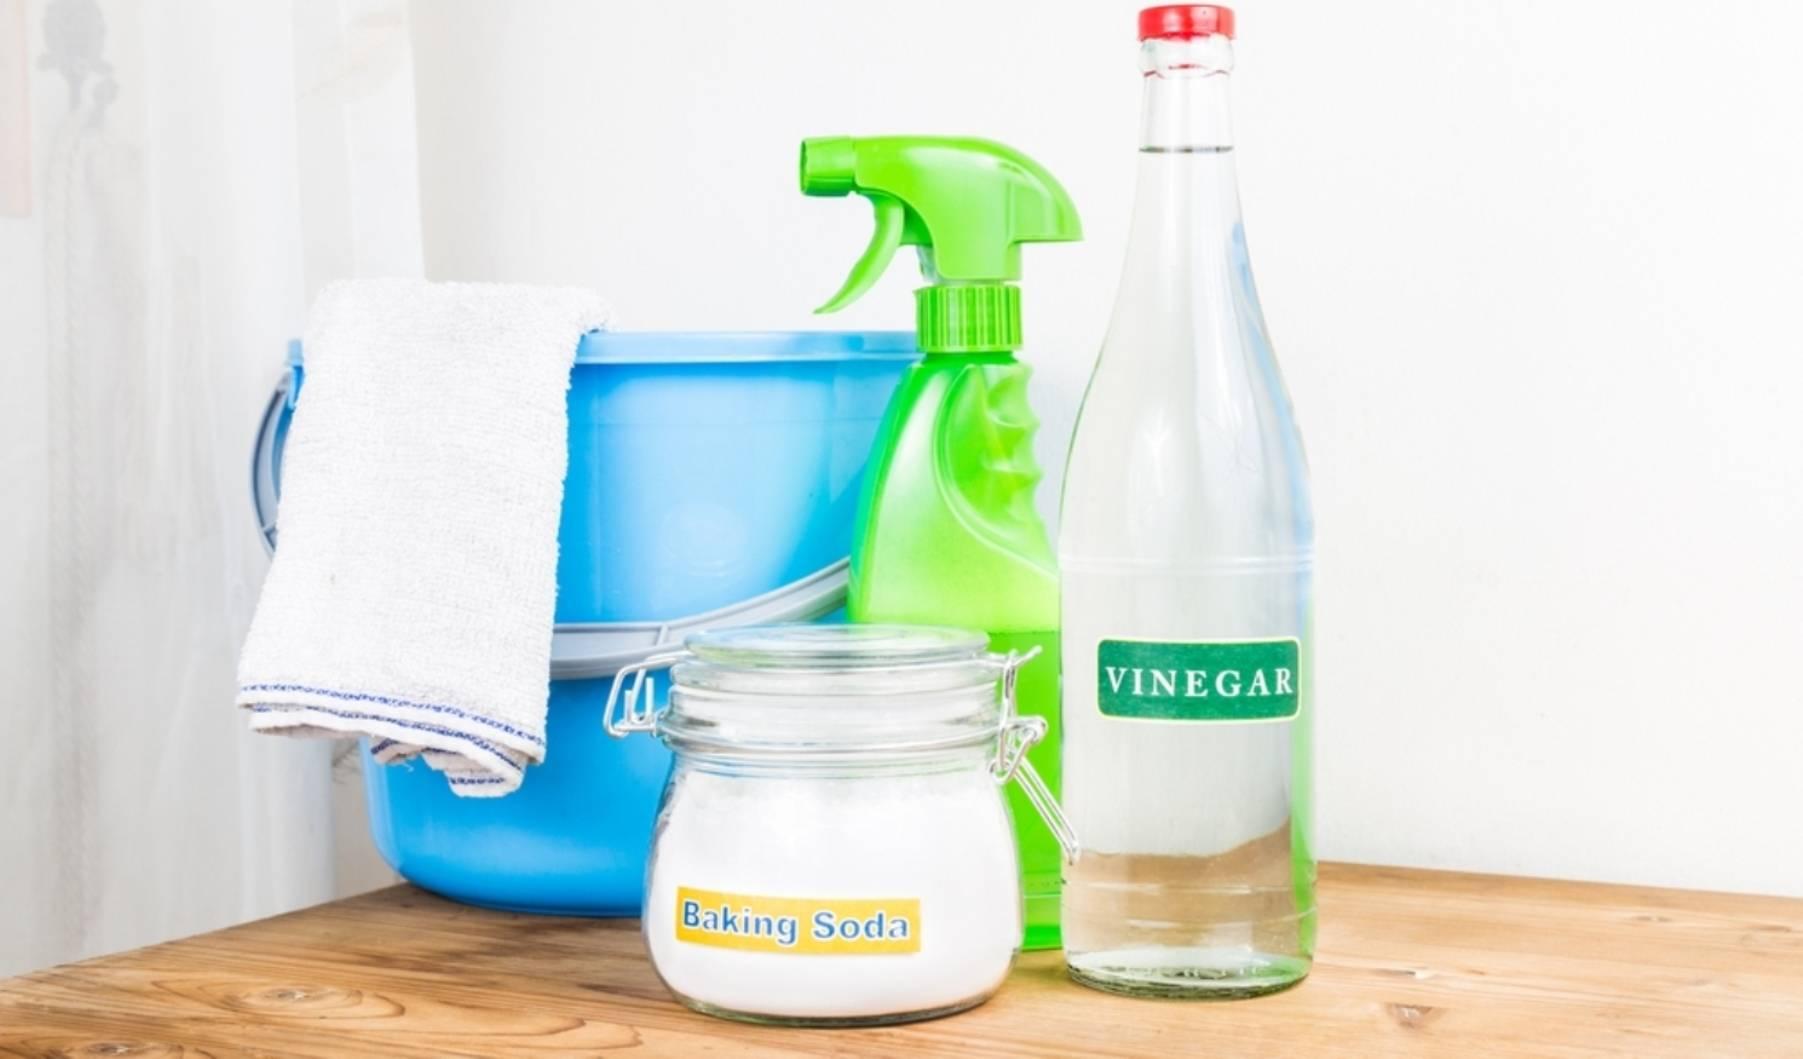 Чем убрать краску с пластика не повредив его: методы и инструменты для очистки